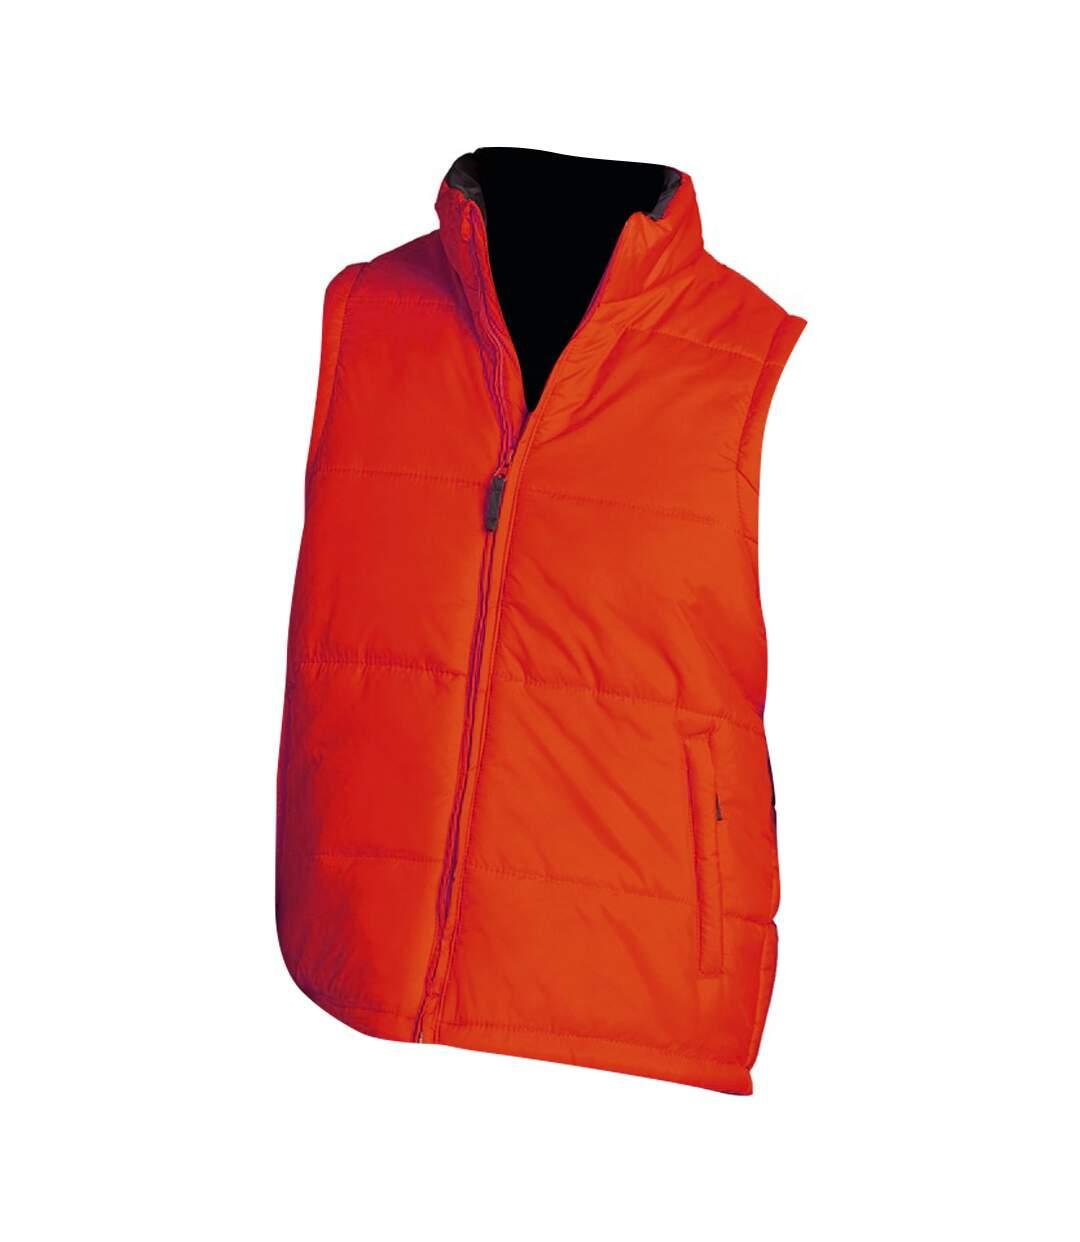 SOLS Warm Unisex Padded Bodywarmer Jacket (Navy) - UTPC355